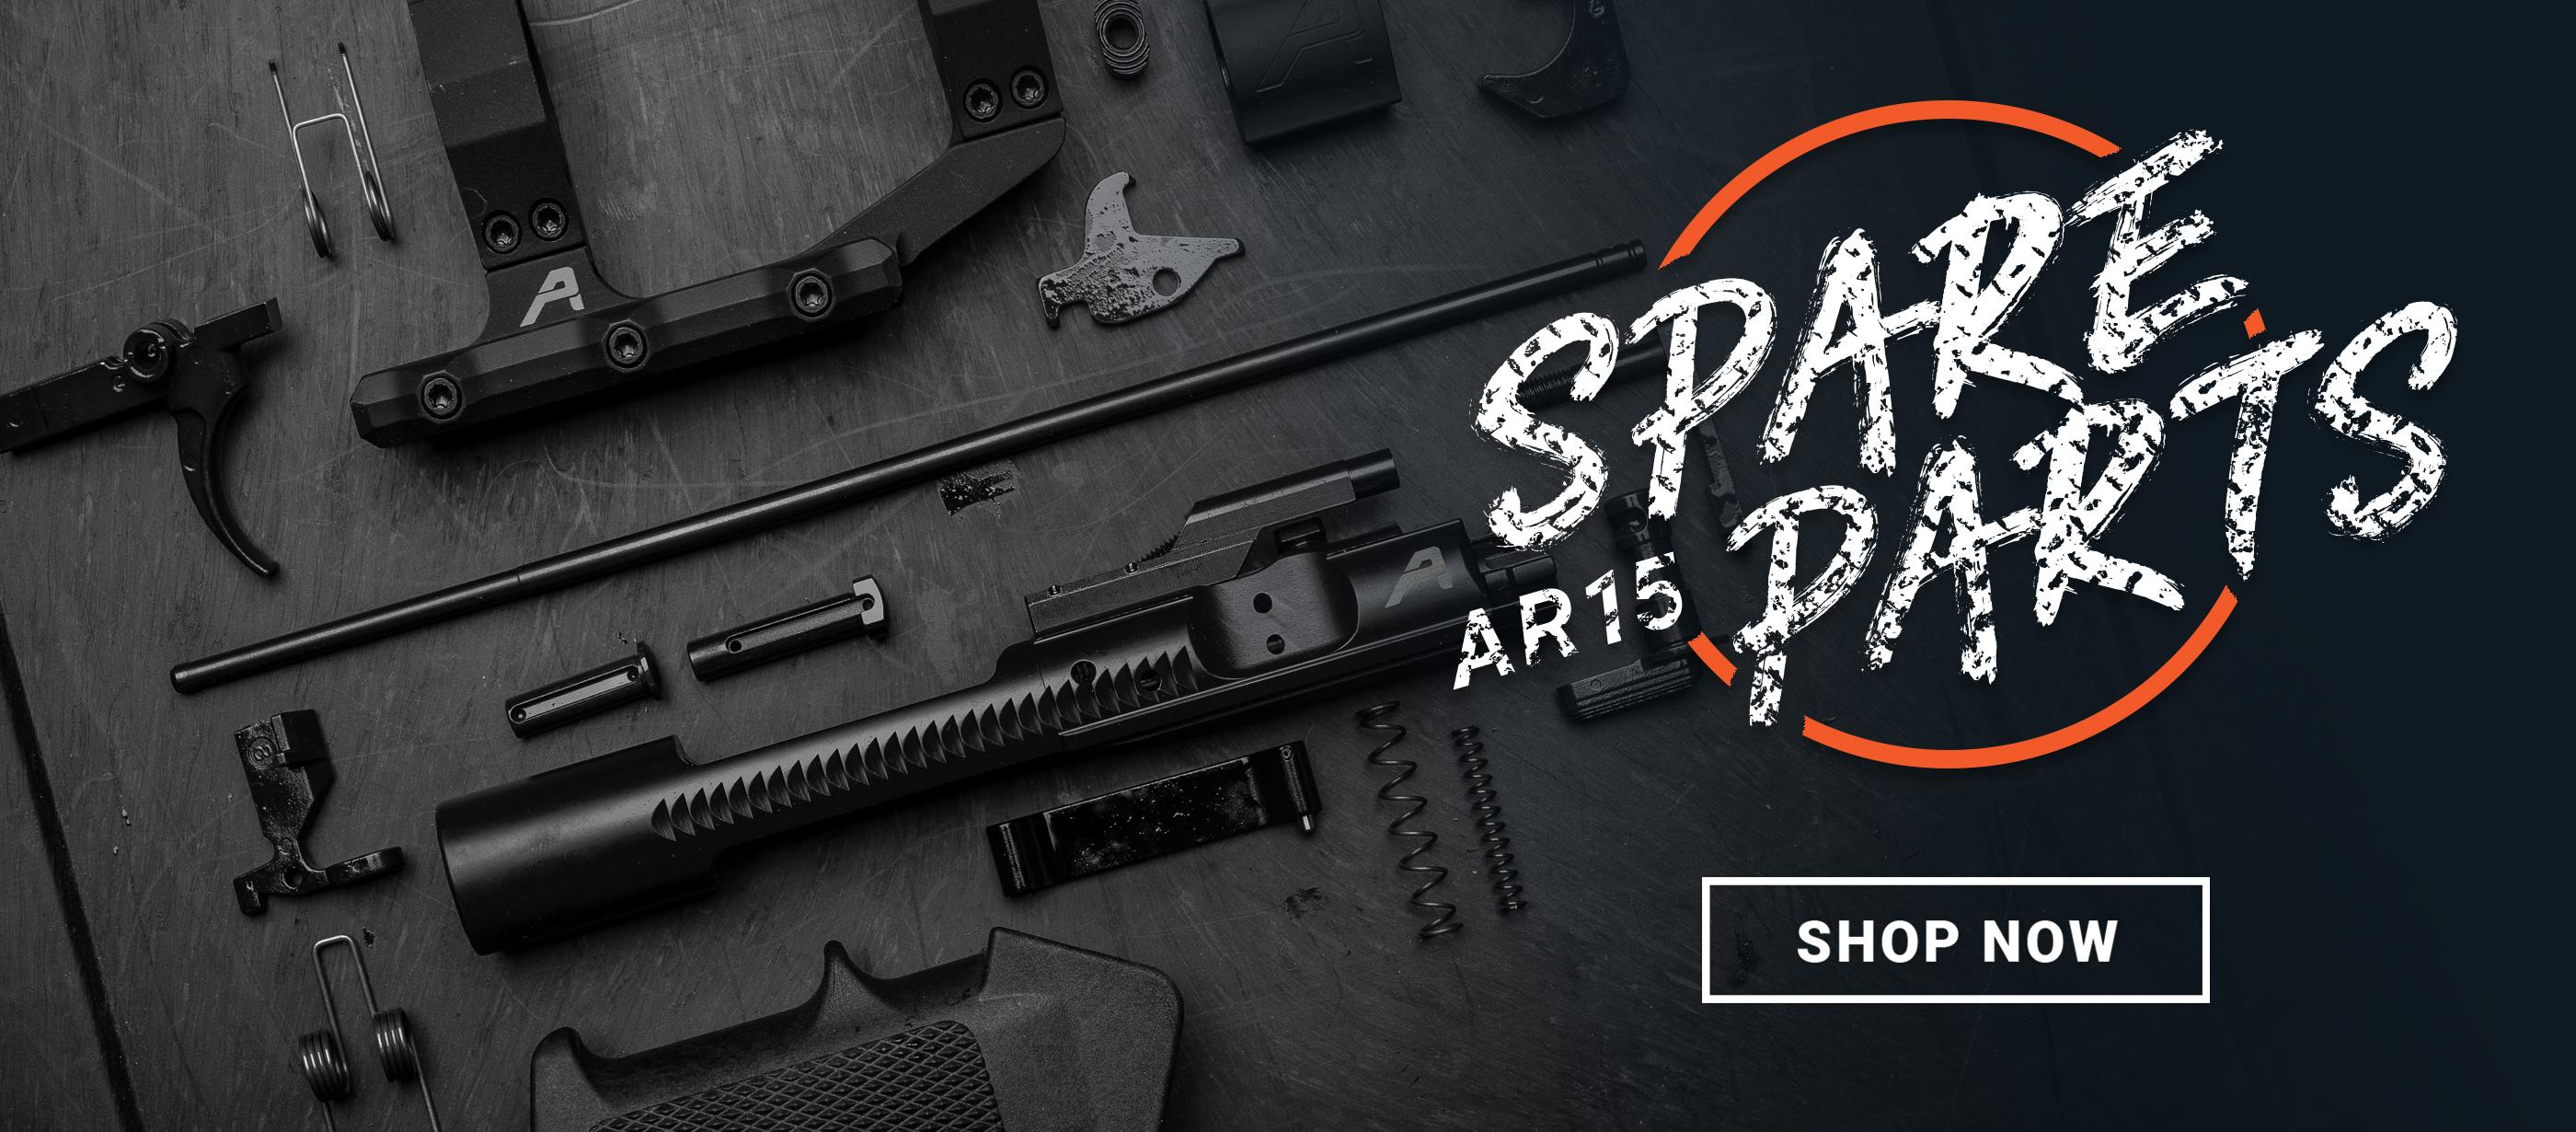 Shop AR15 Spare Parts